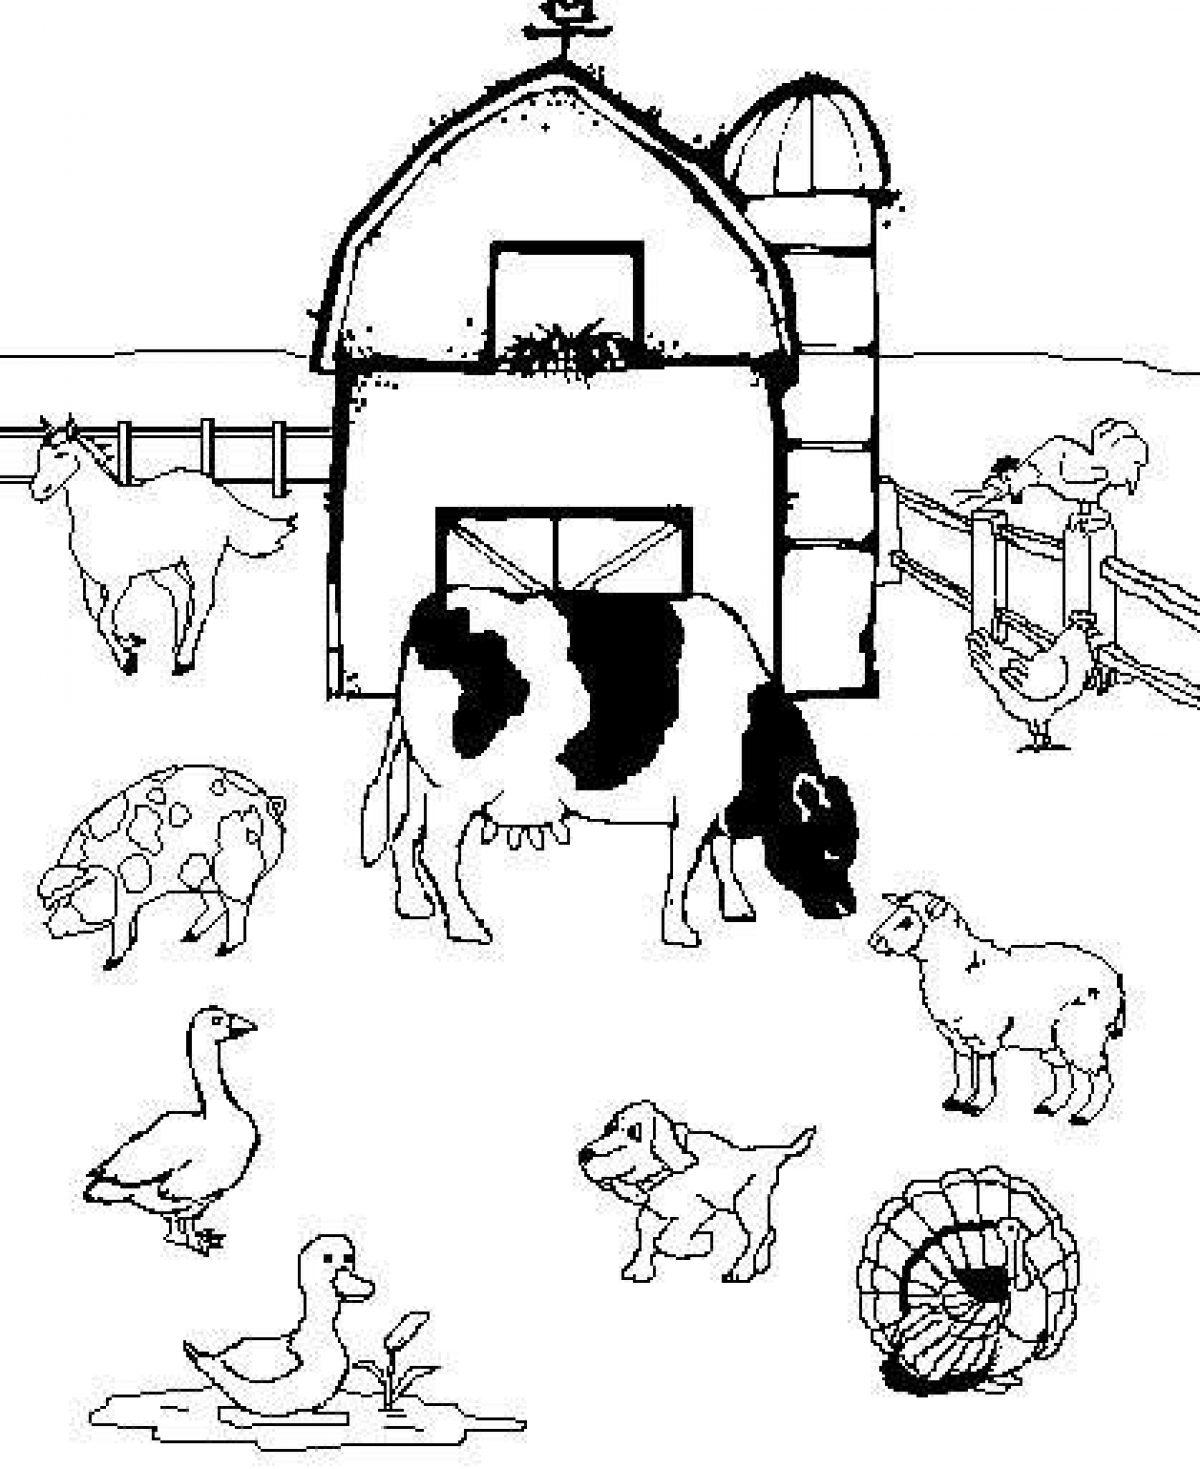 Disegni Per Bambini Da Colorare Con Gli Animali Della Fattoria